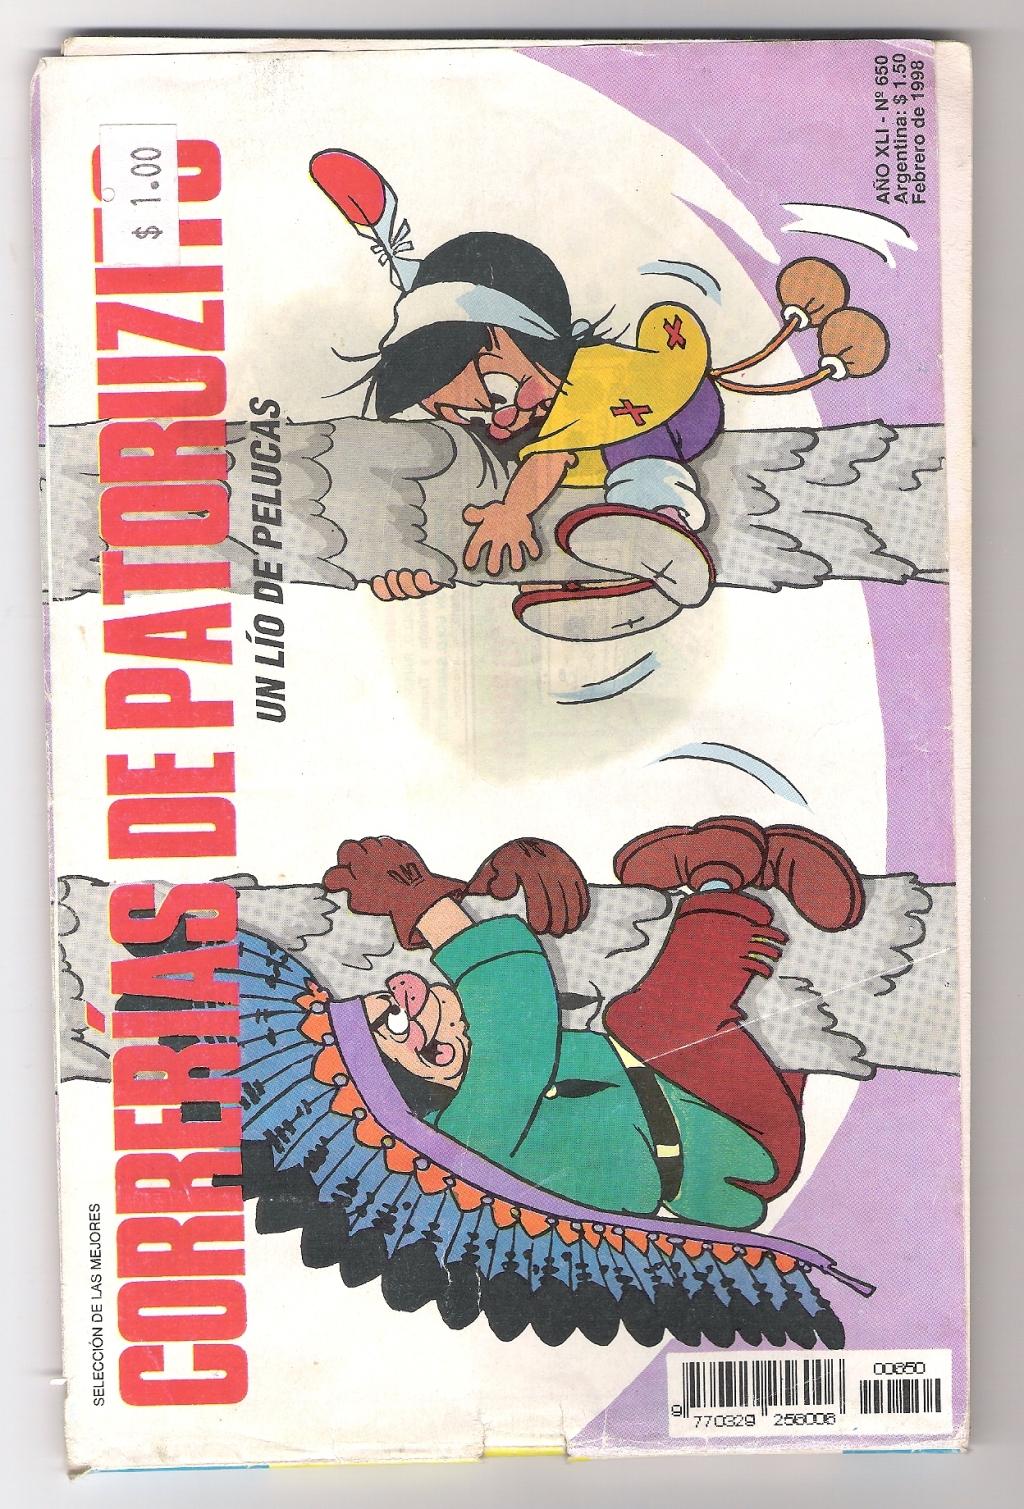 ESTAS SON REPRODUCCIONES DE LAS ORGINALES (FEBRERO 1998)